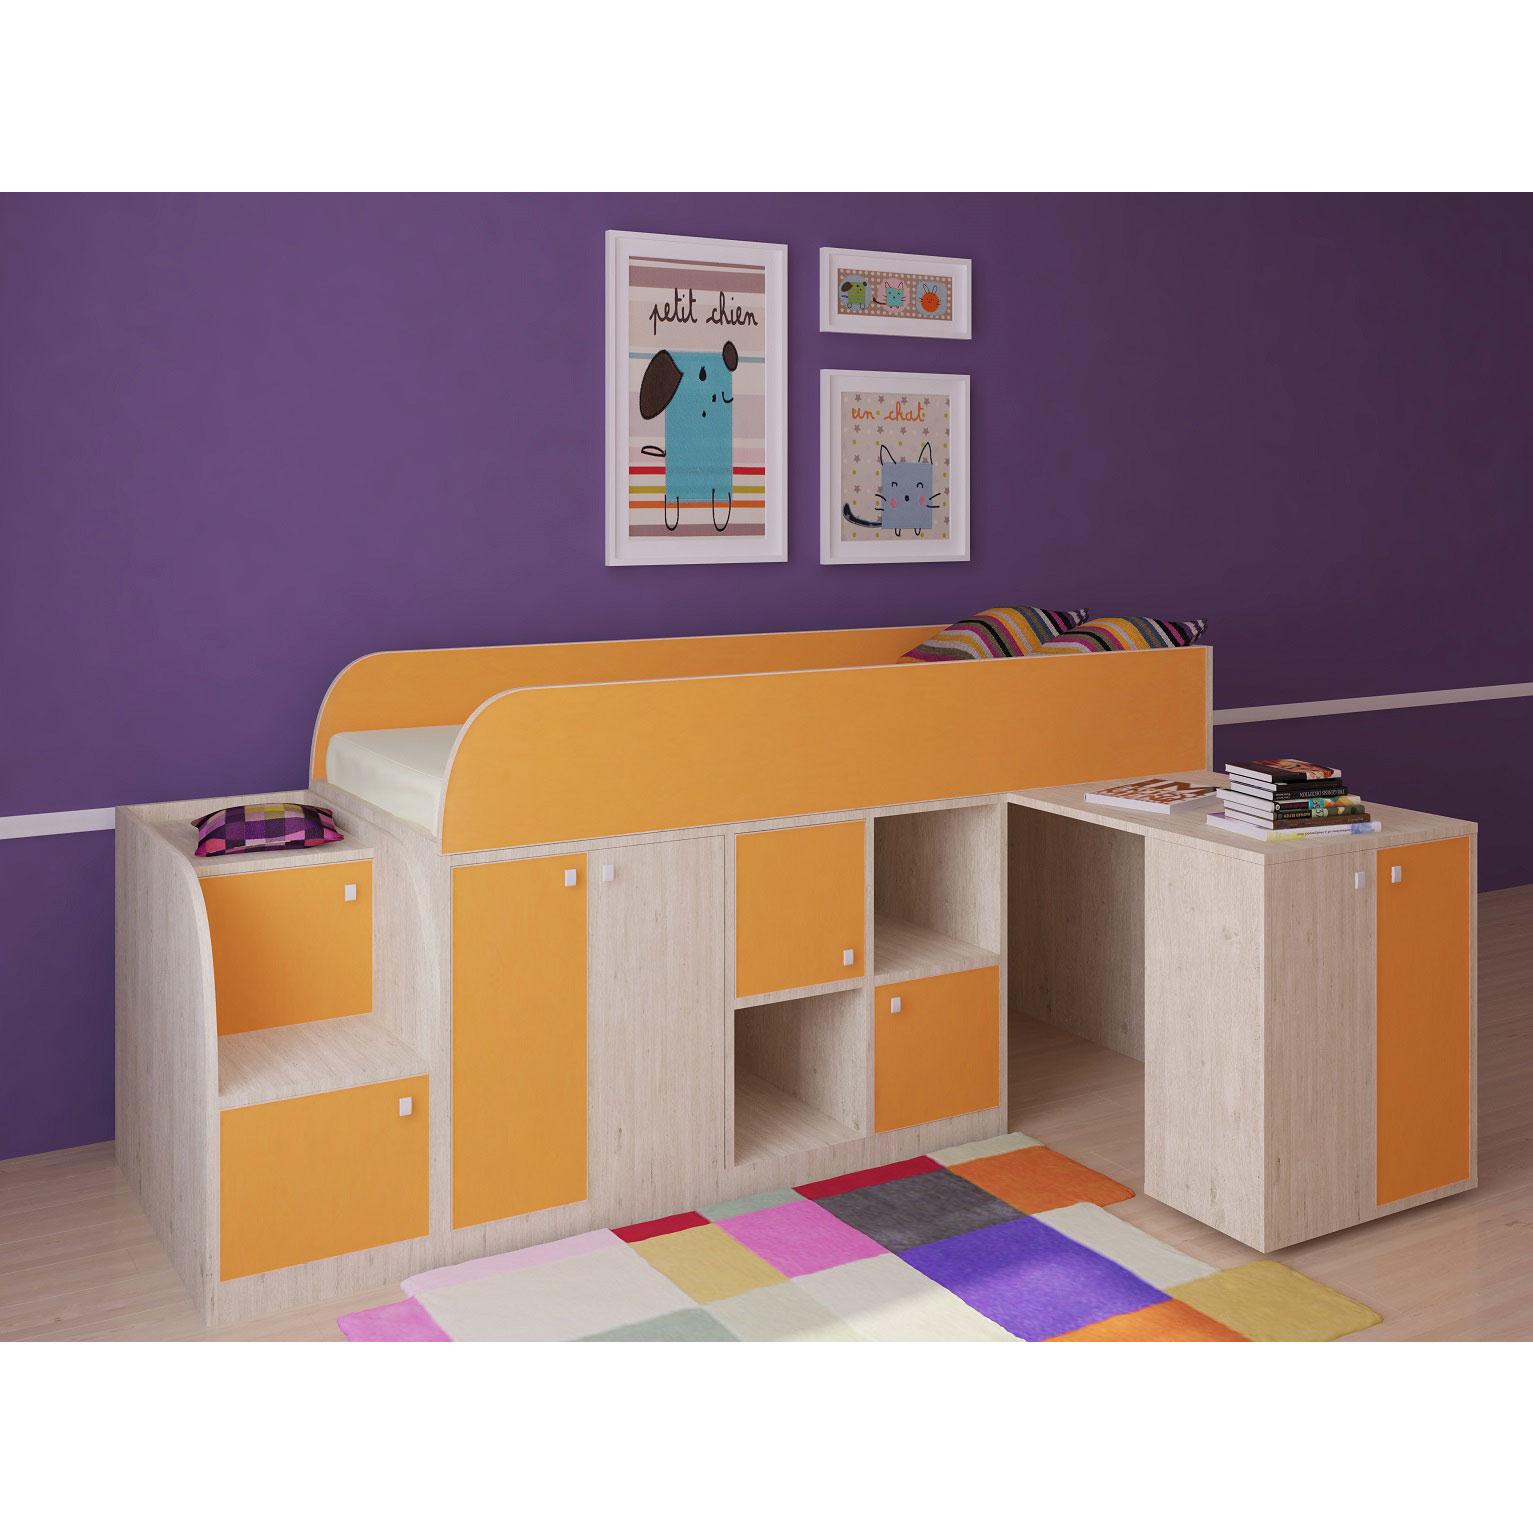 Набор мебели РВ-Мебель Астра мини Дуб молочный/Оранжевый